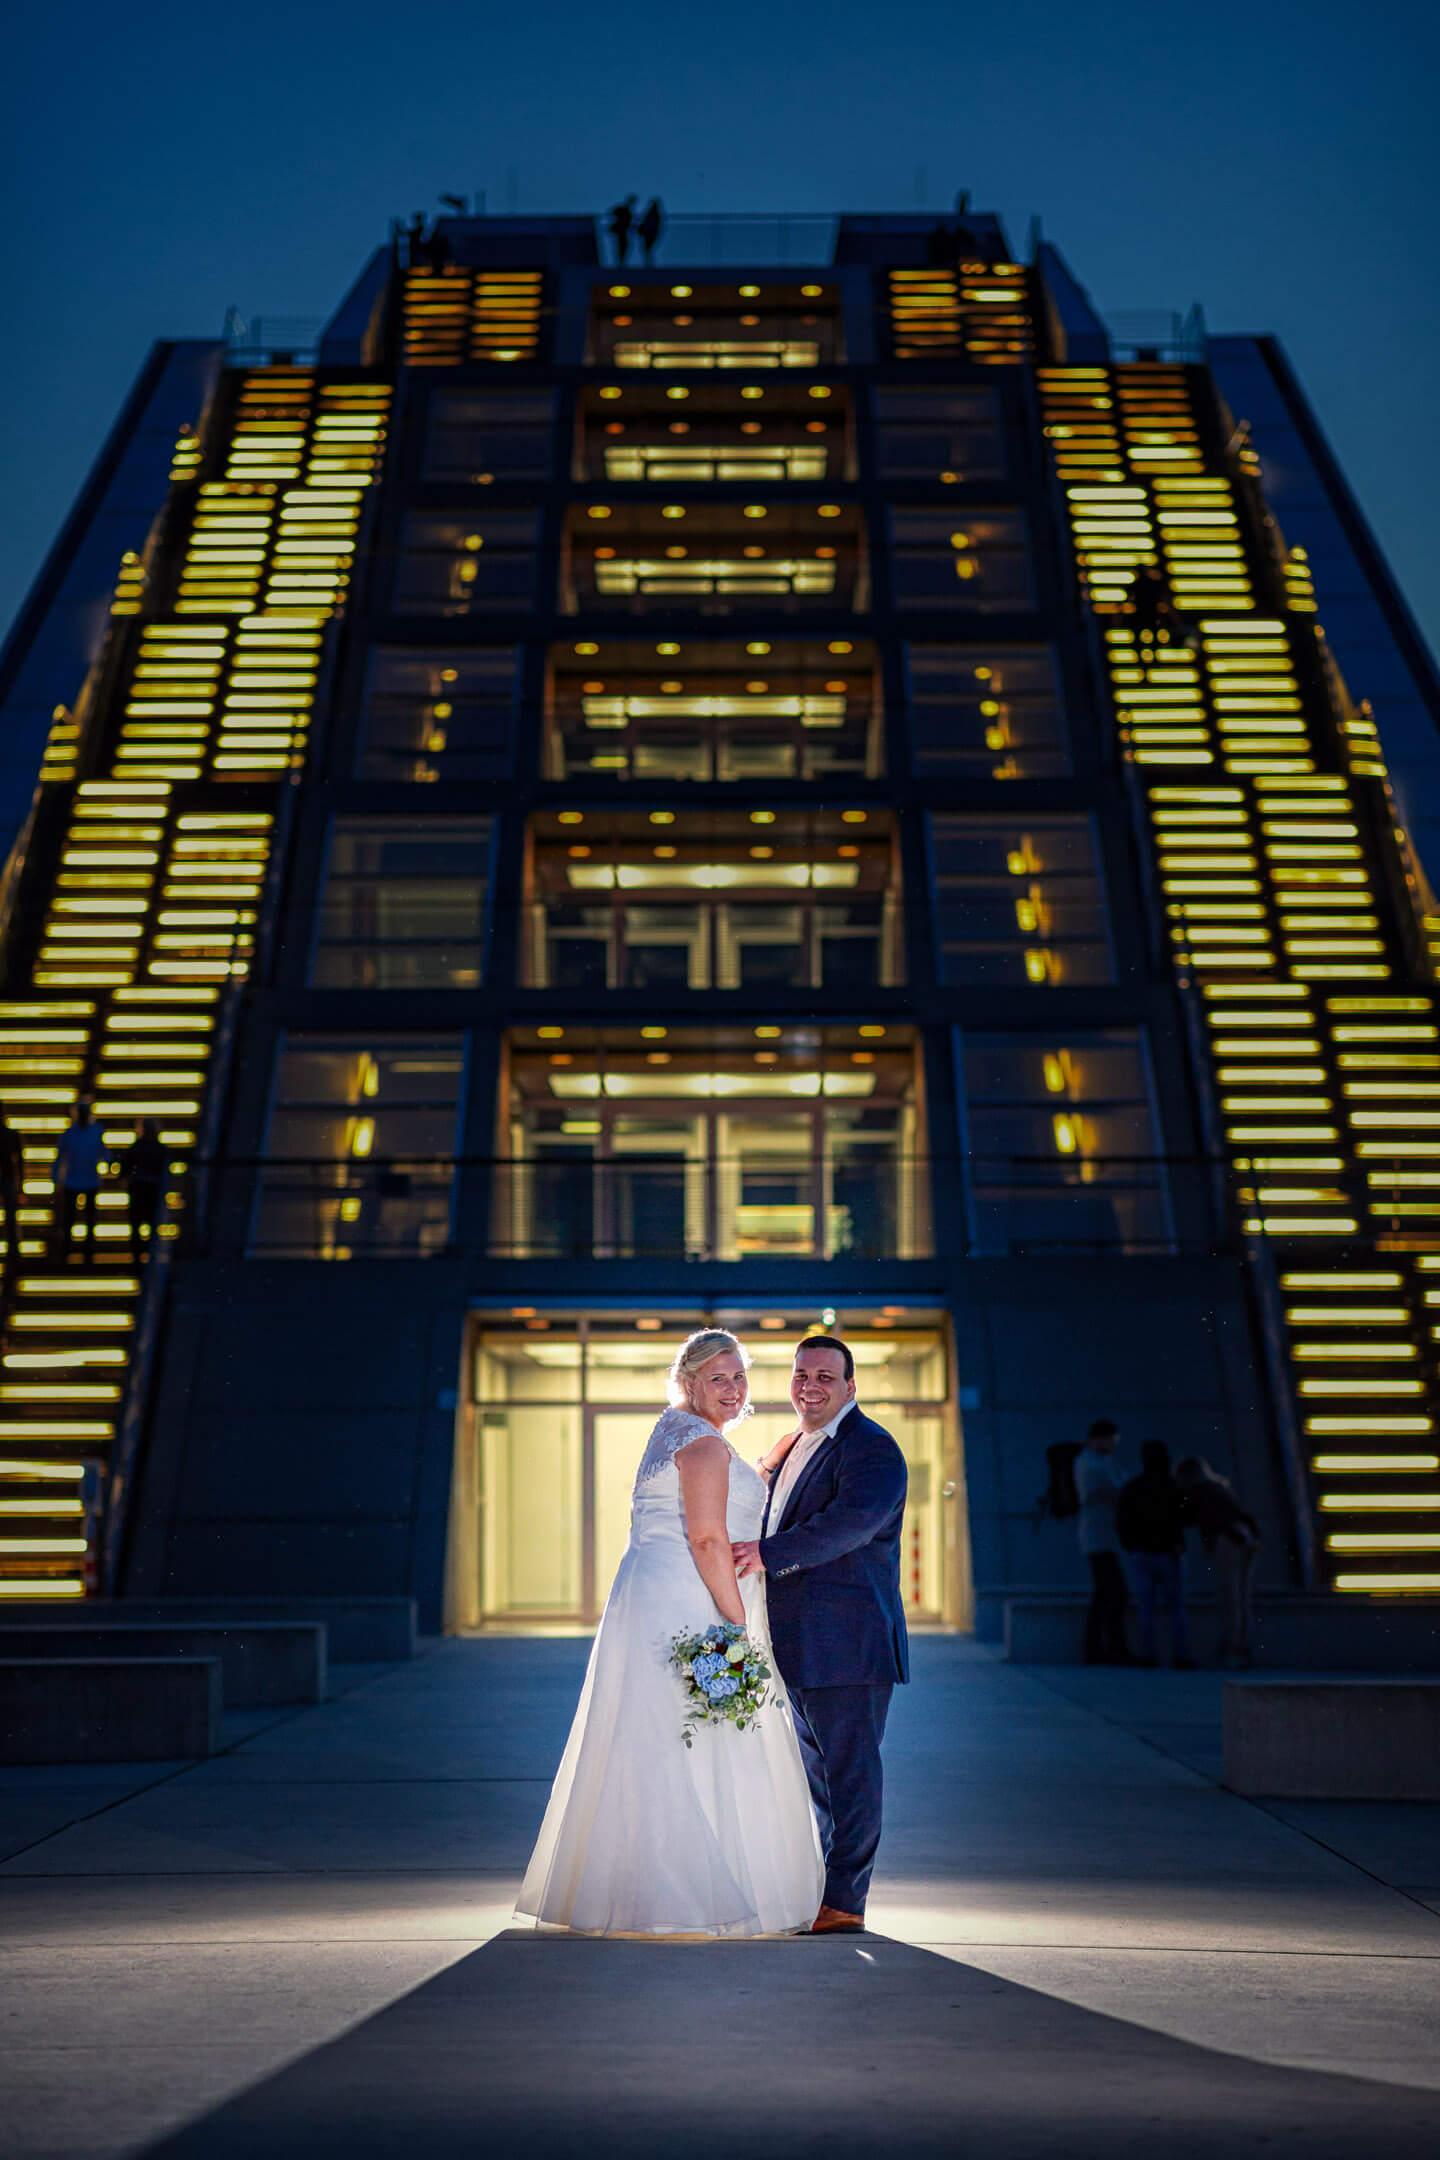 Hochzeitsfotograf Florian Läufer (Hamburg) hat dieses Hochzeitsfoto vor dem Dockland aufgenommen